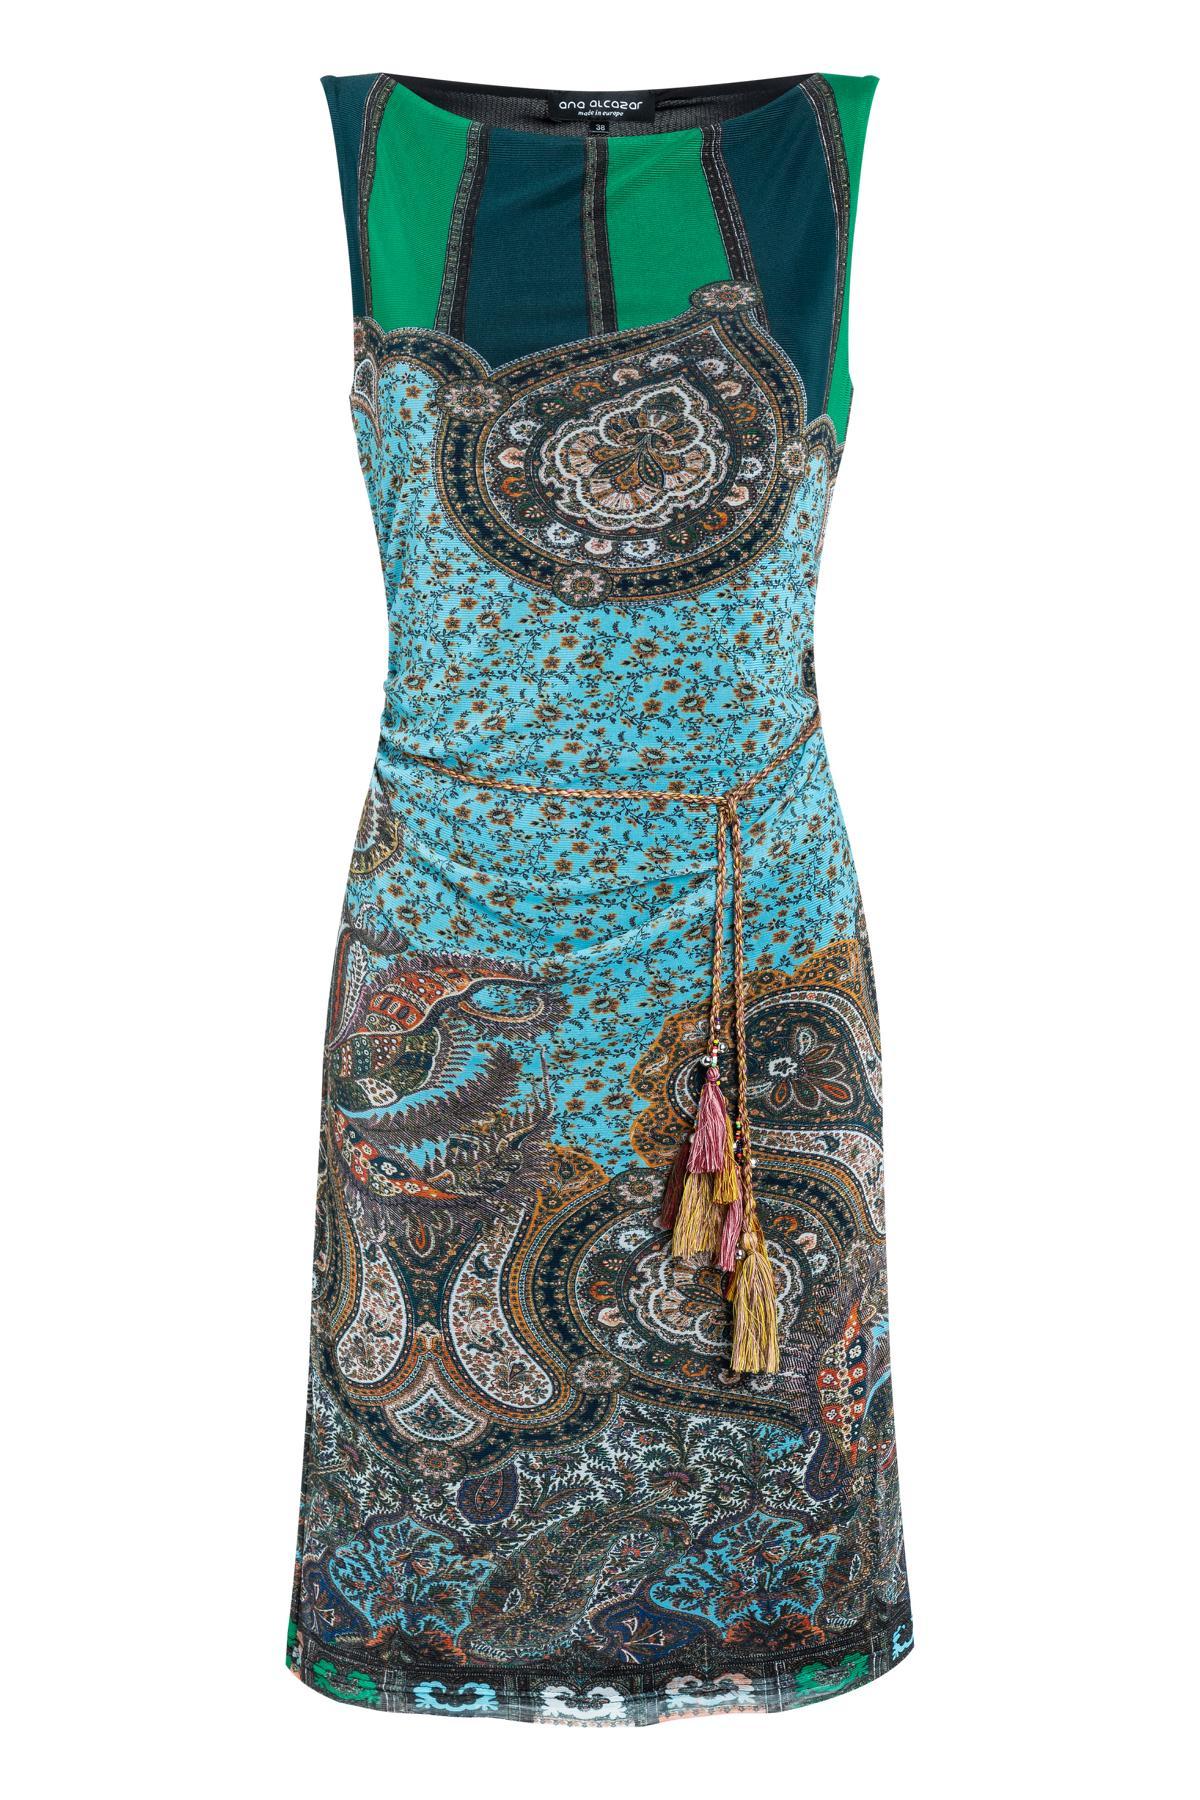 440264c374ee31 Etnische patronen! Etnische jurken online kopen